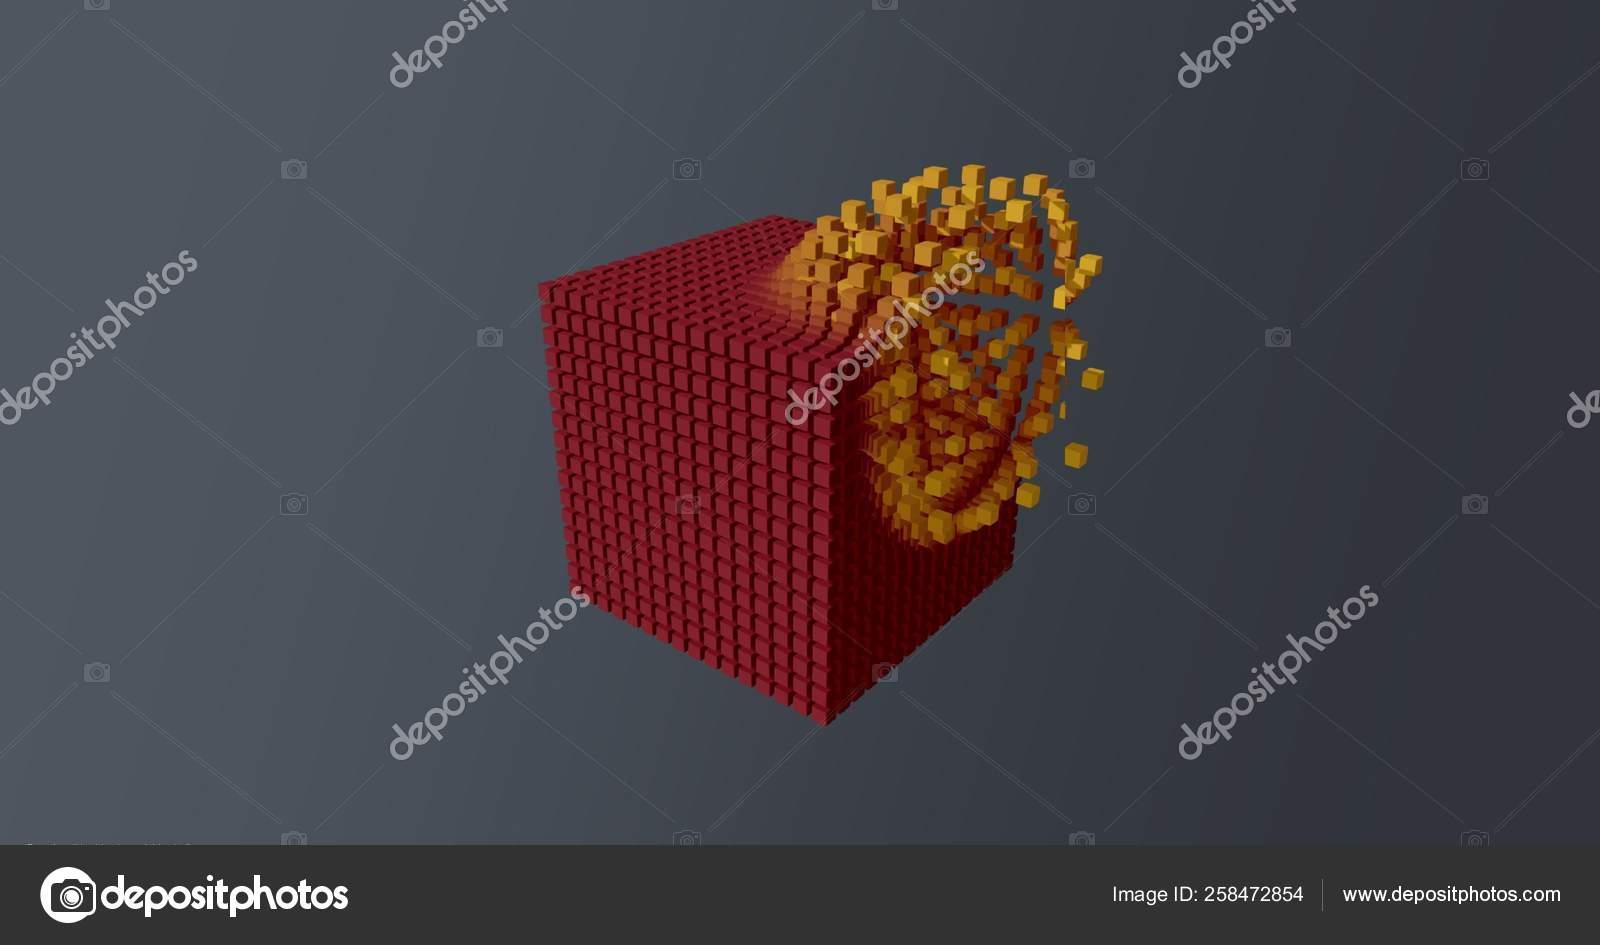 抽象壁纸背景爆炸红色立方体黄色颗粒蓝色 图库照片 C Mvdberk 258472854